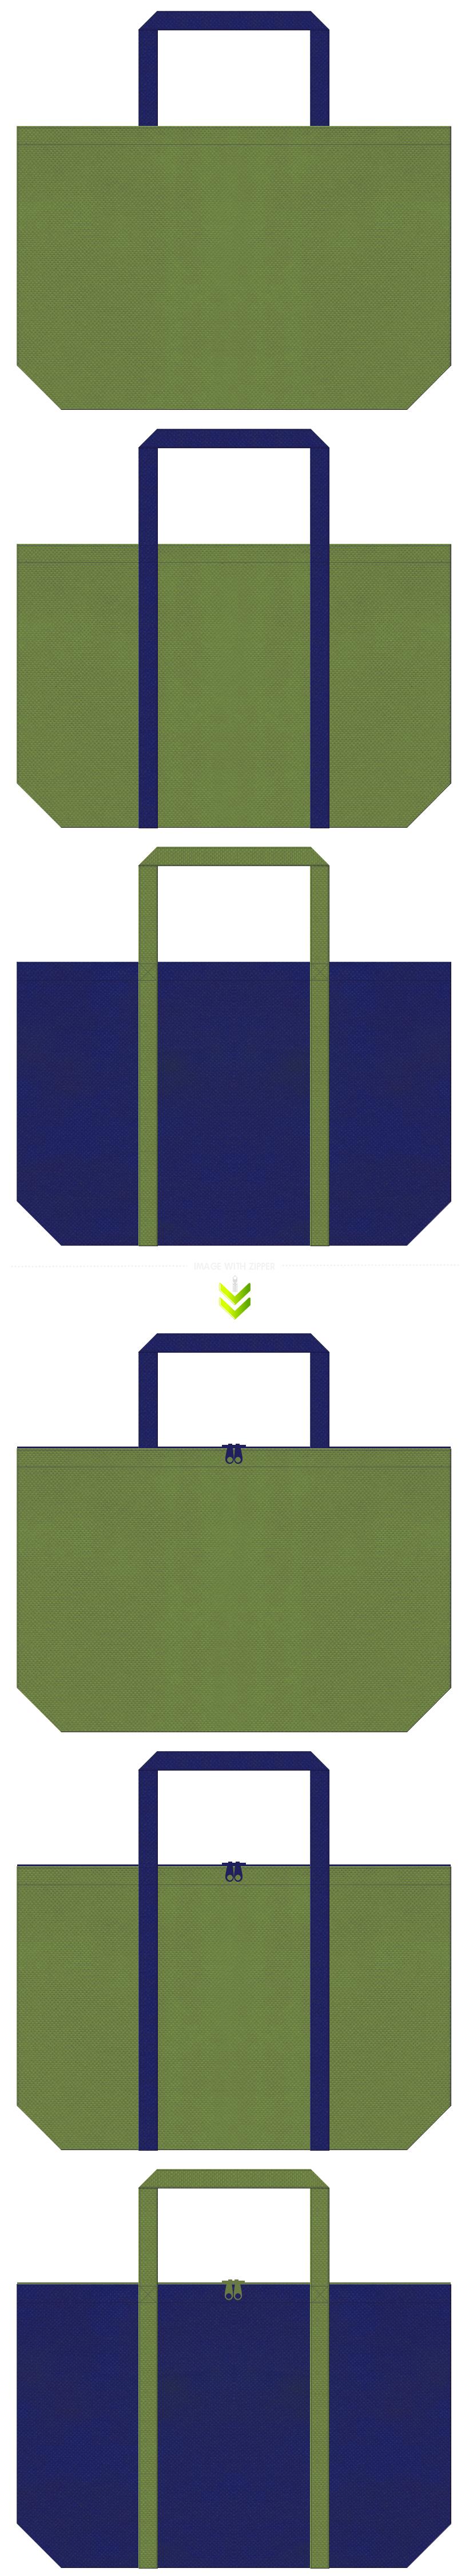 草色と明るい紺色の不織布バッグのデザイン